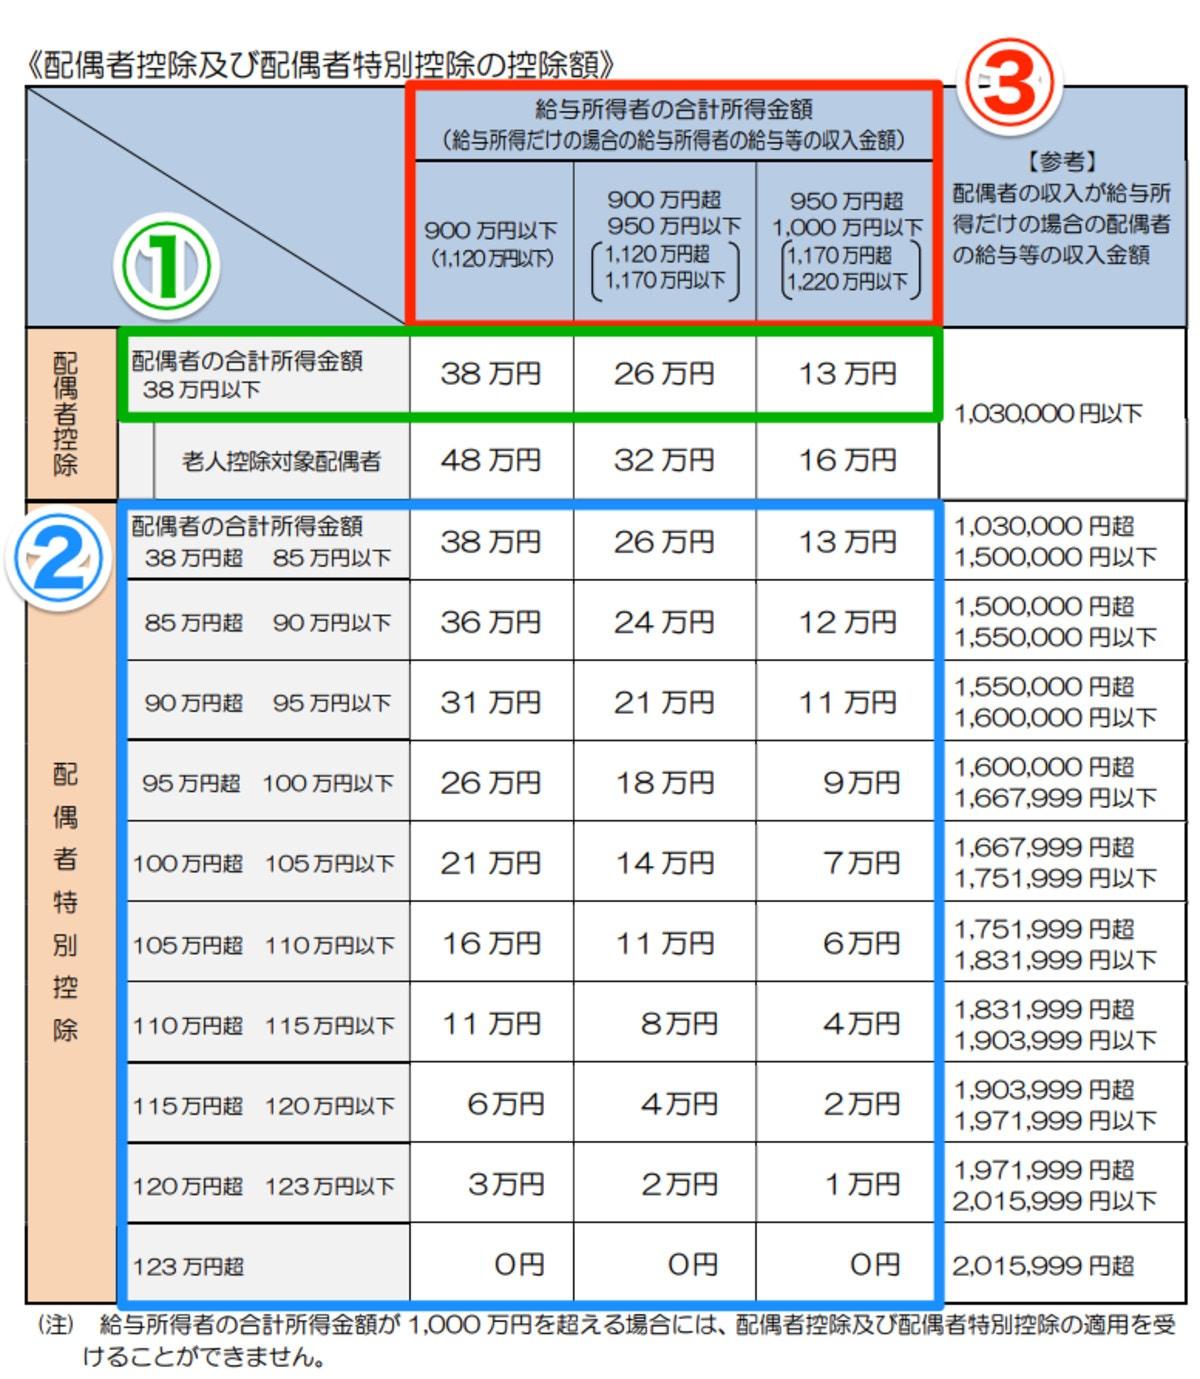 国税庁「平成30年分以降の配偶者及び配偶者特別控除の取扱いについて」より抜粋